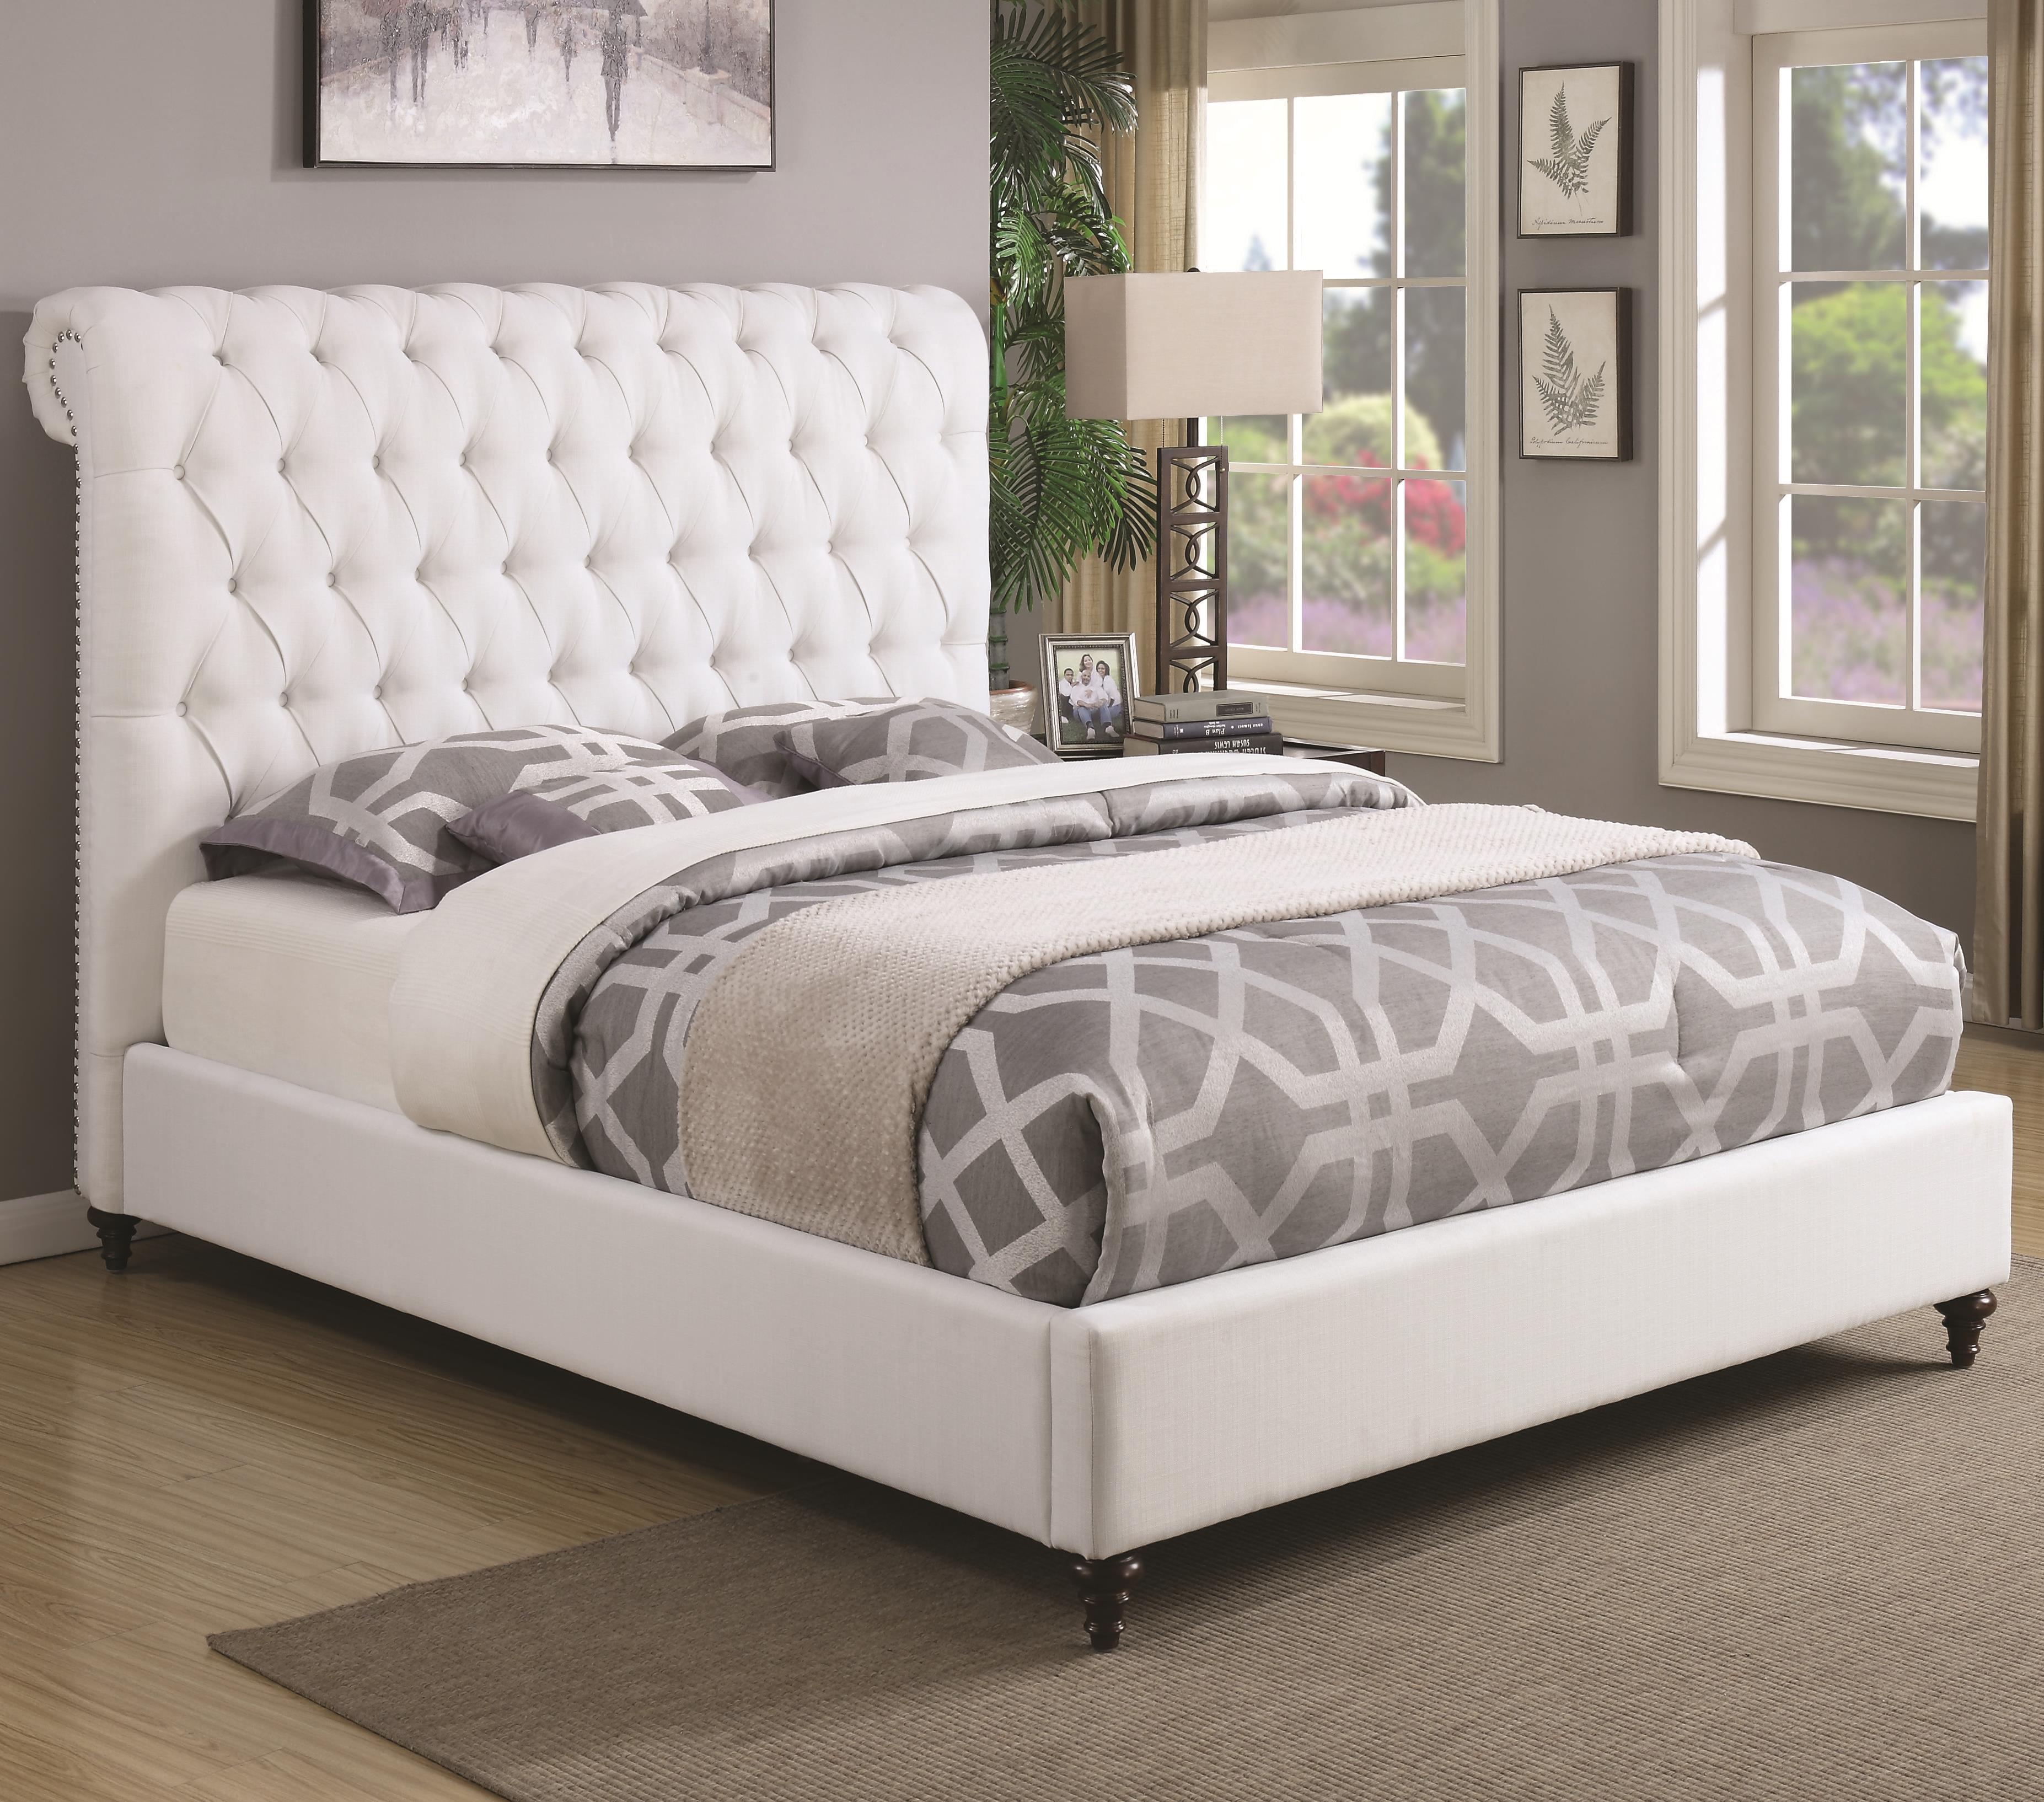 Coaster Devon King Upholstered Bed - Item Number: 300526KE